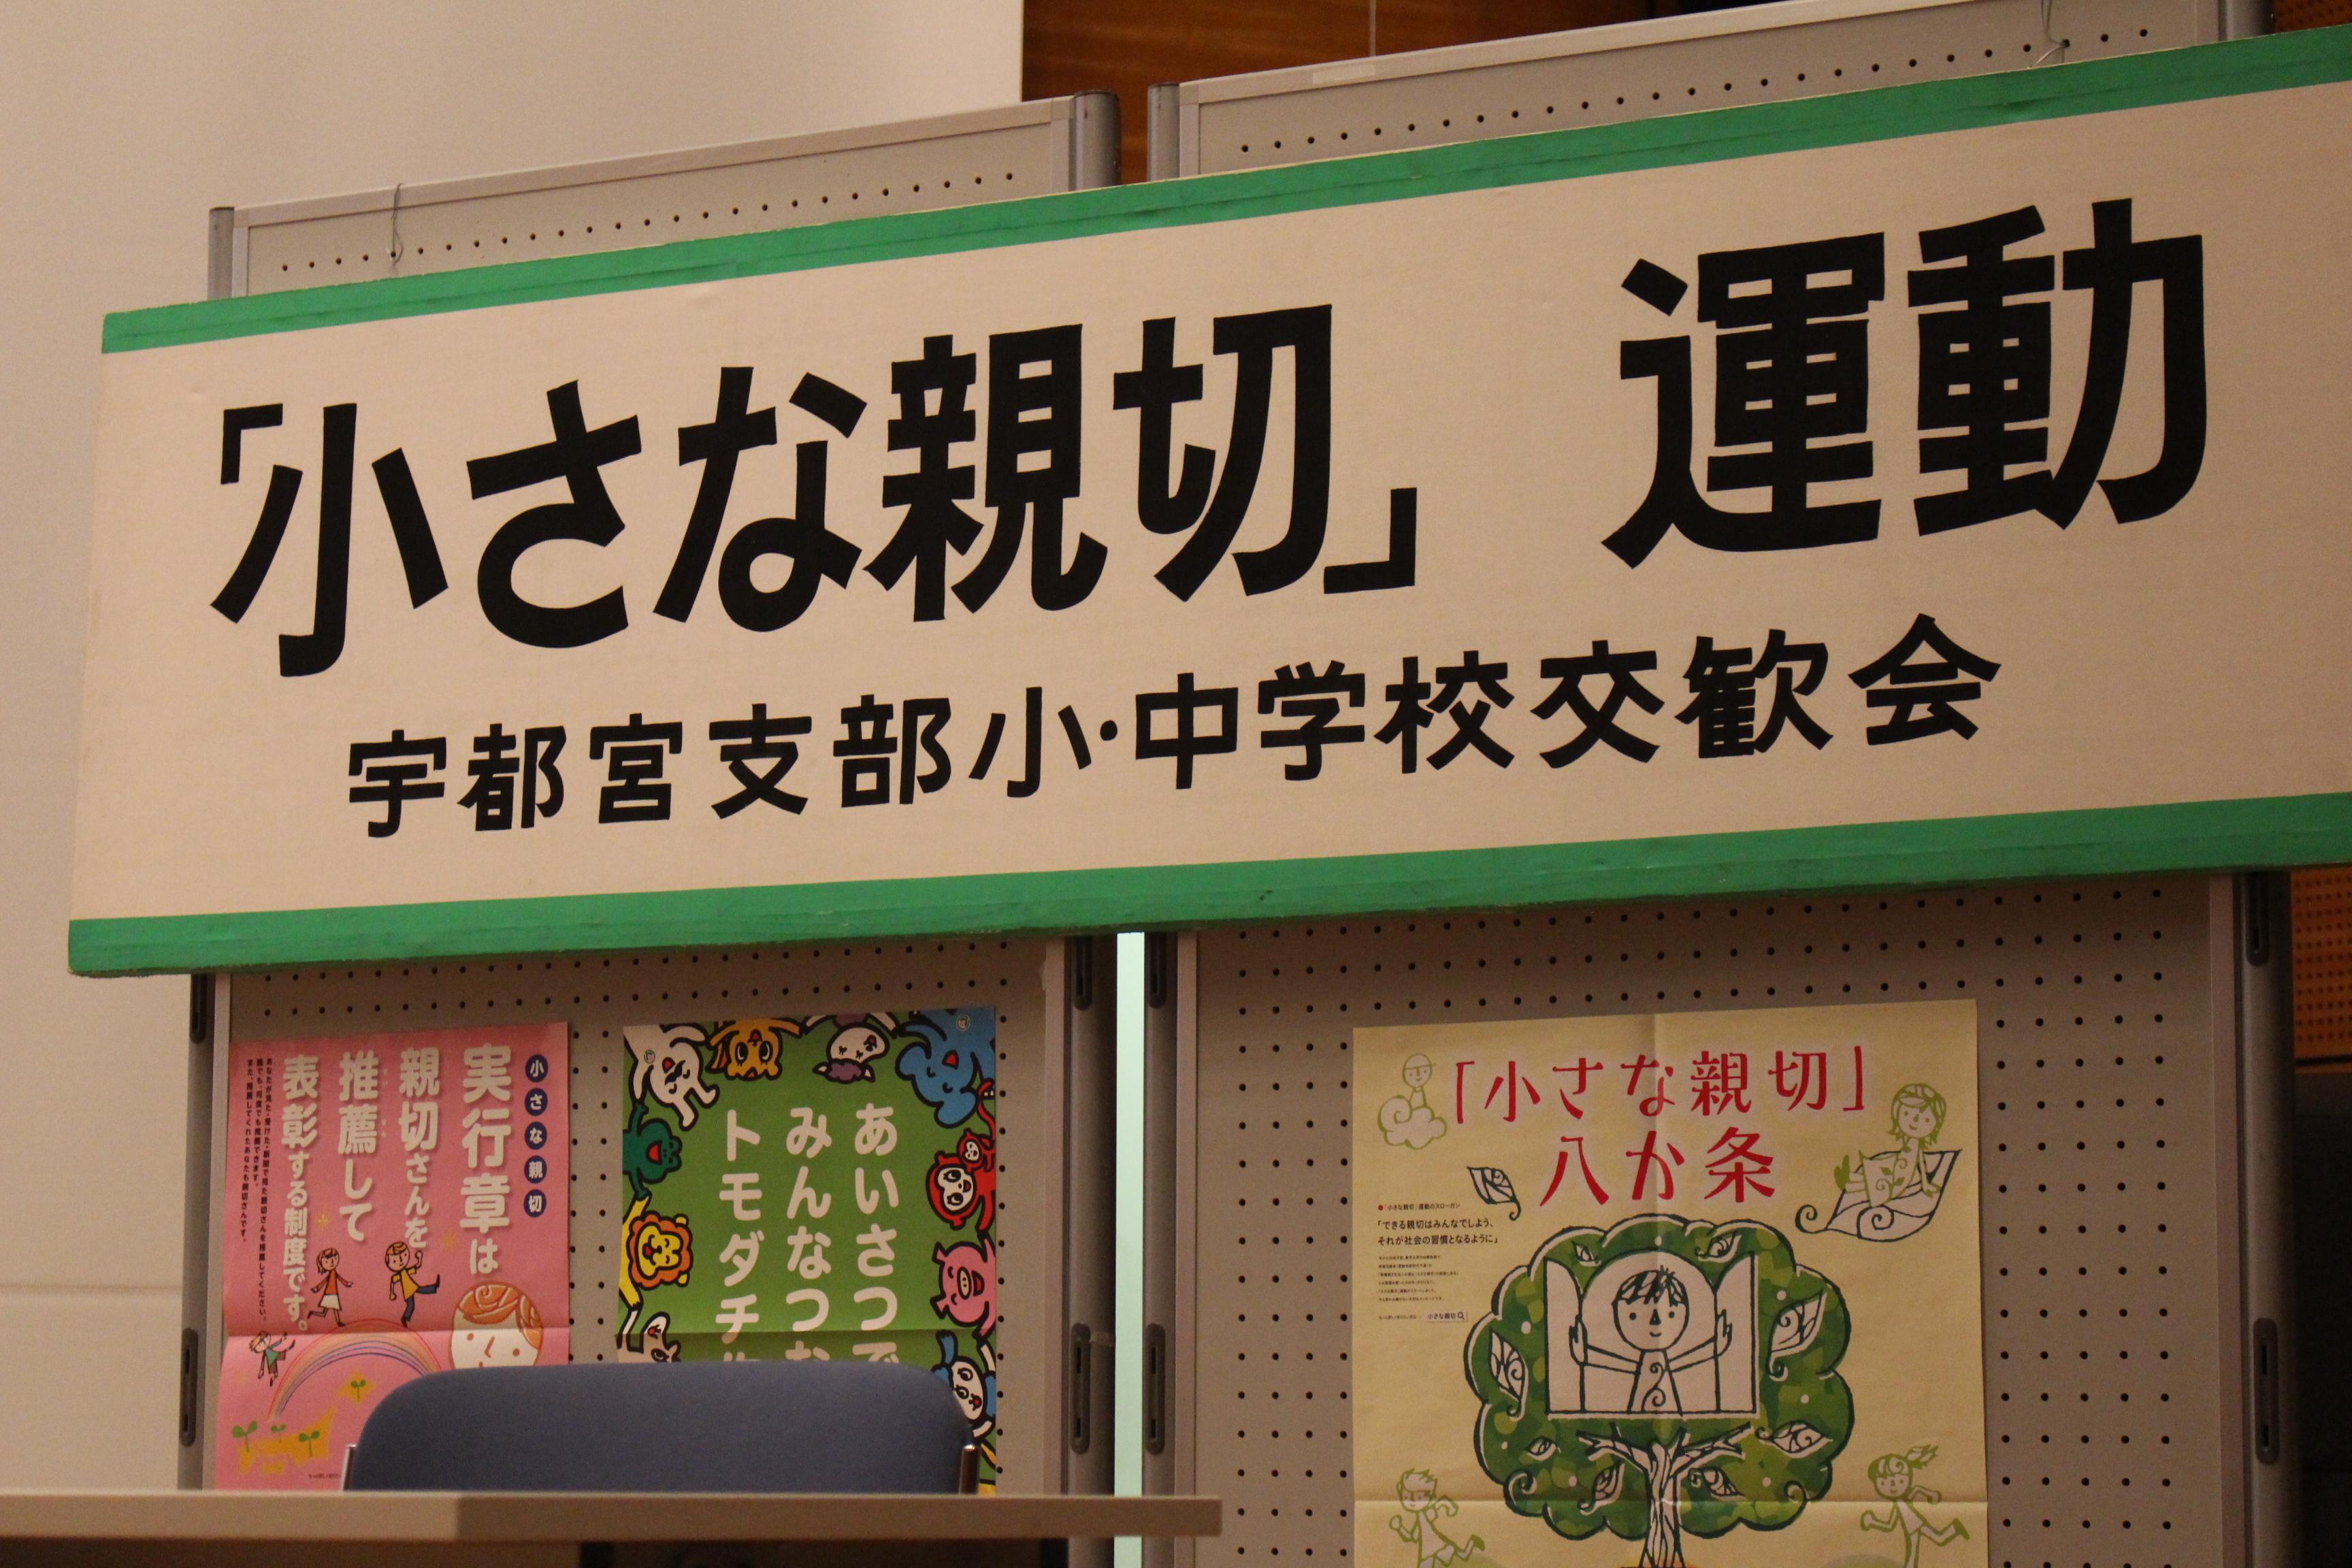 宇都宮支部が小中学校交歓会を開催